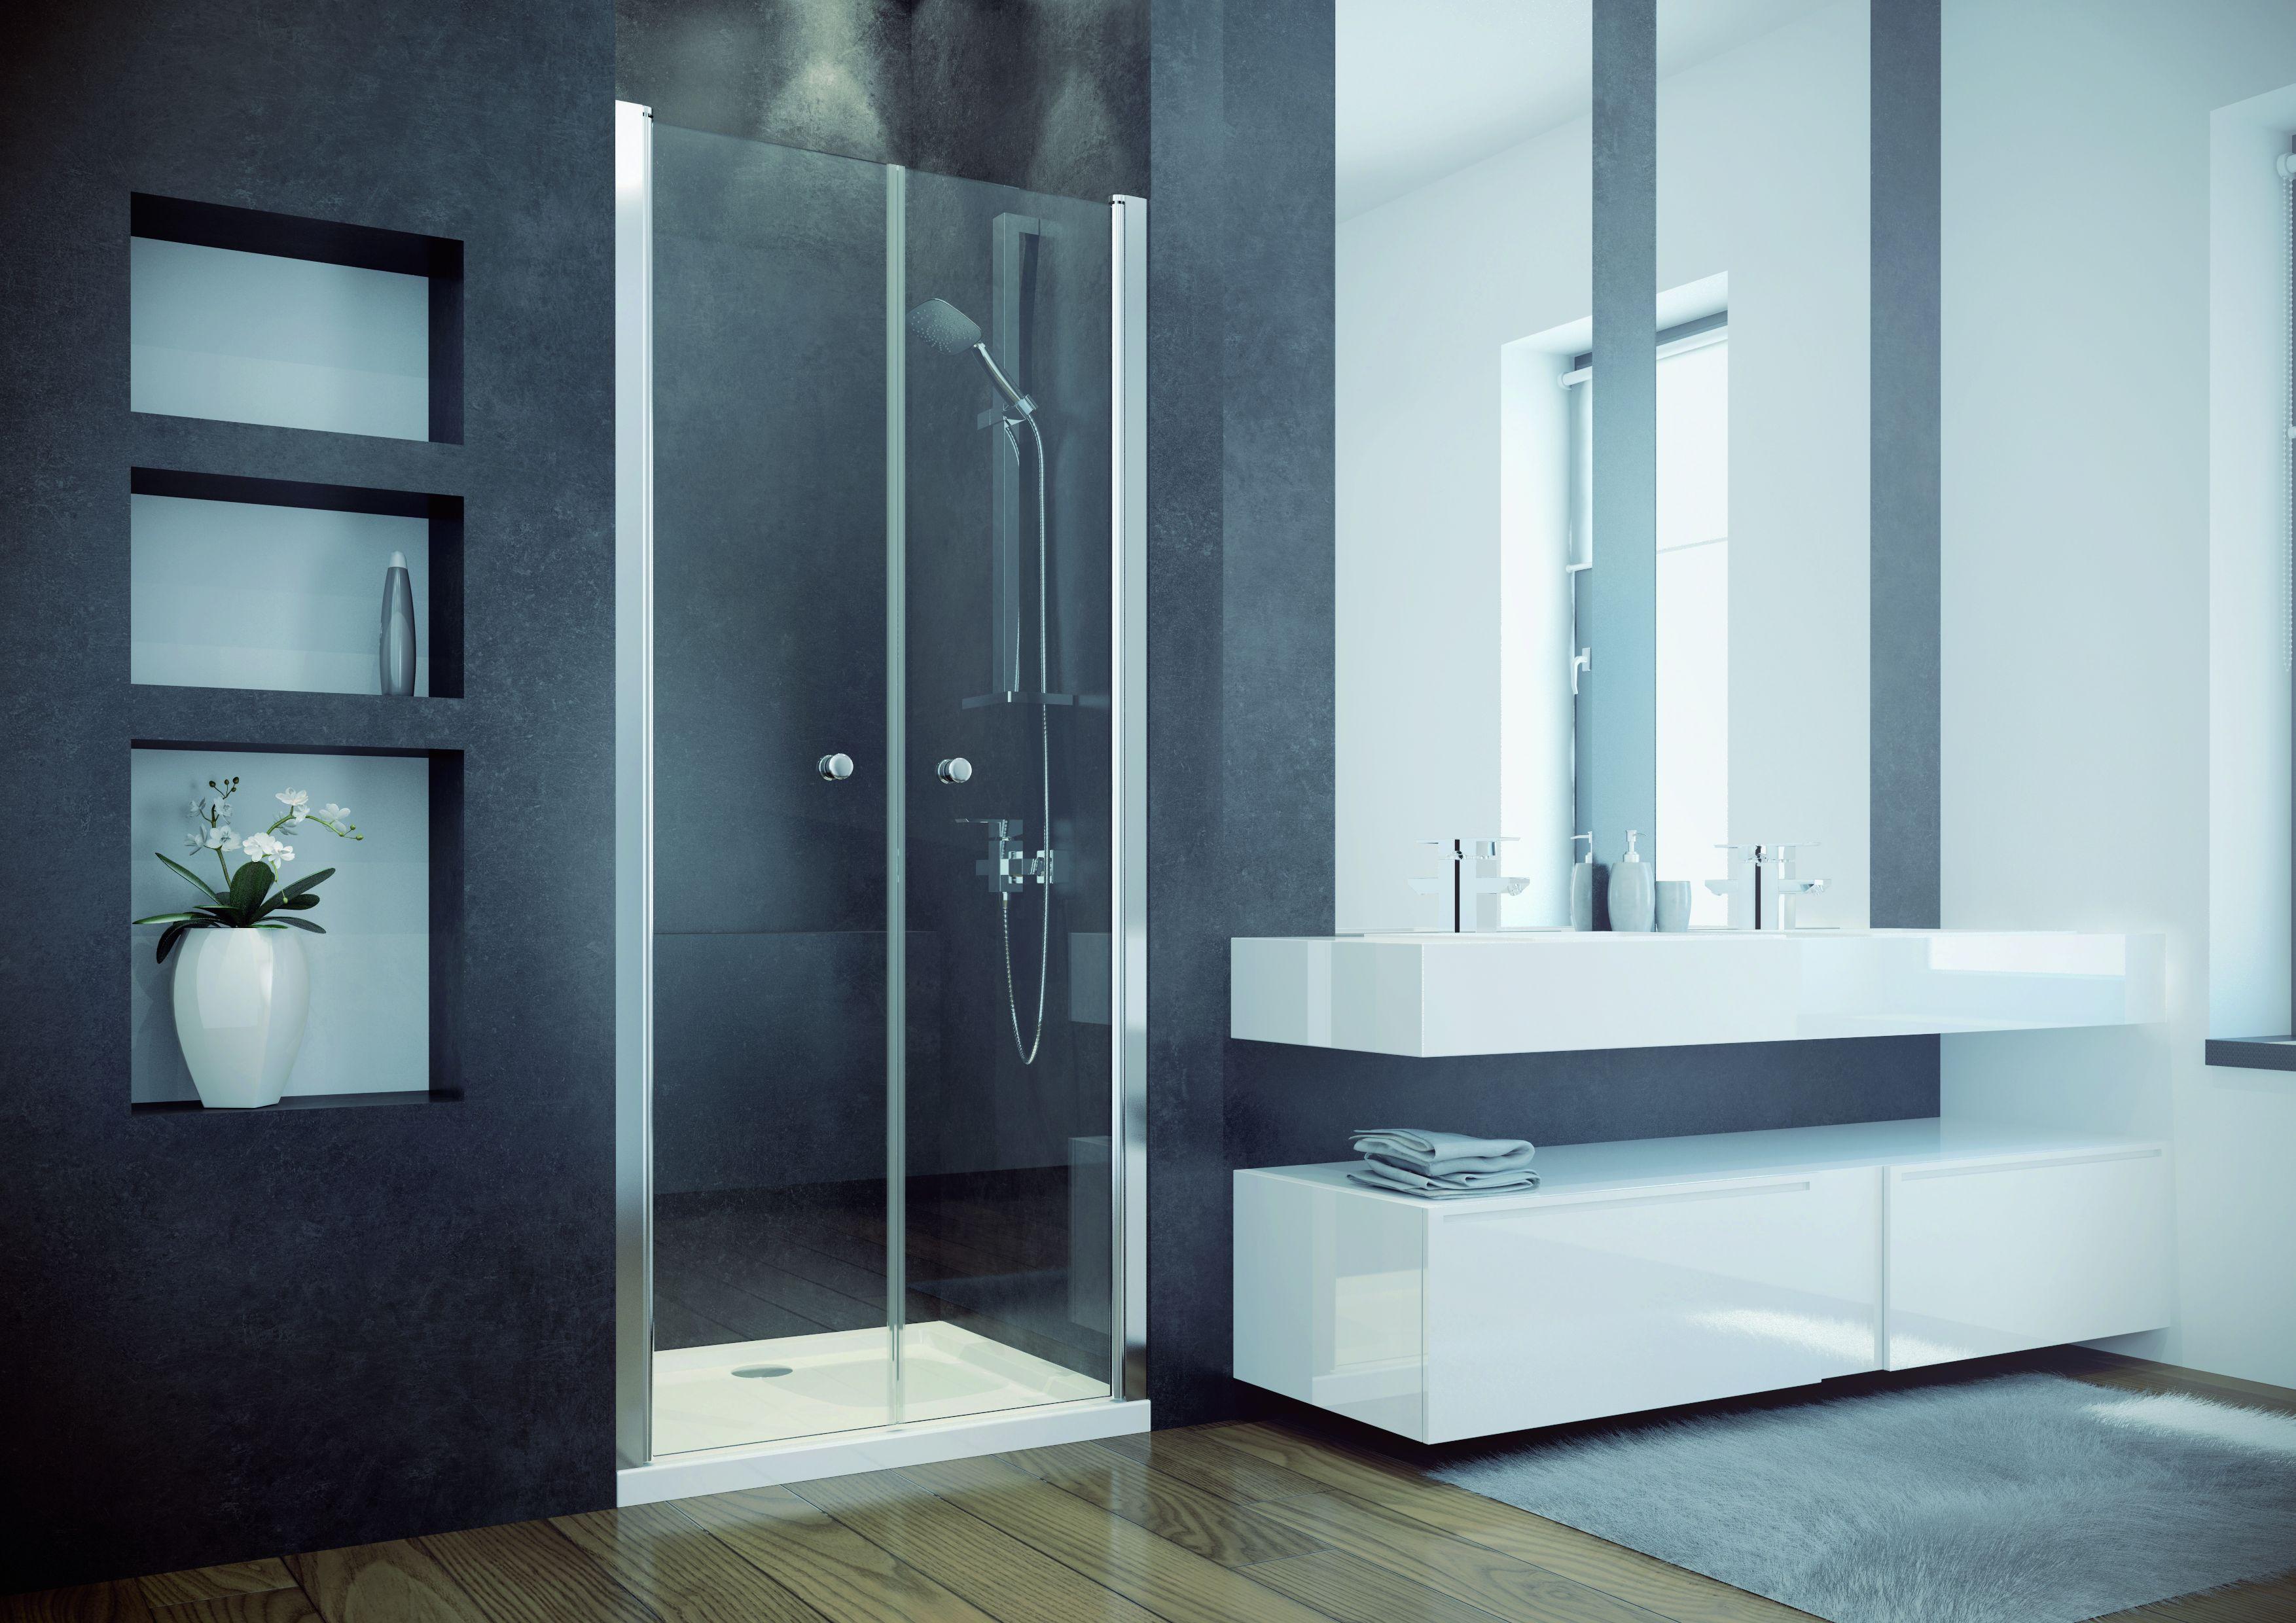 HOPA - Bezrámové sprchové dvere SINCO DUE - Farba rámu zásteny - Hliník chróm, Rozmer A - 80 cm, Smer zatváranie - Univerzálny Ľavé / Pravé, Výplň - Číre bezpečnostné sklo - 6 mm, Výška - 195 cm BCSIN80DUE